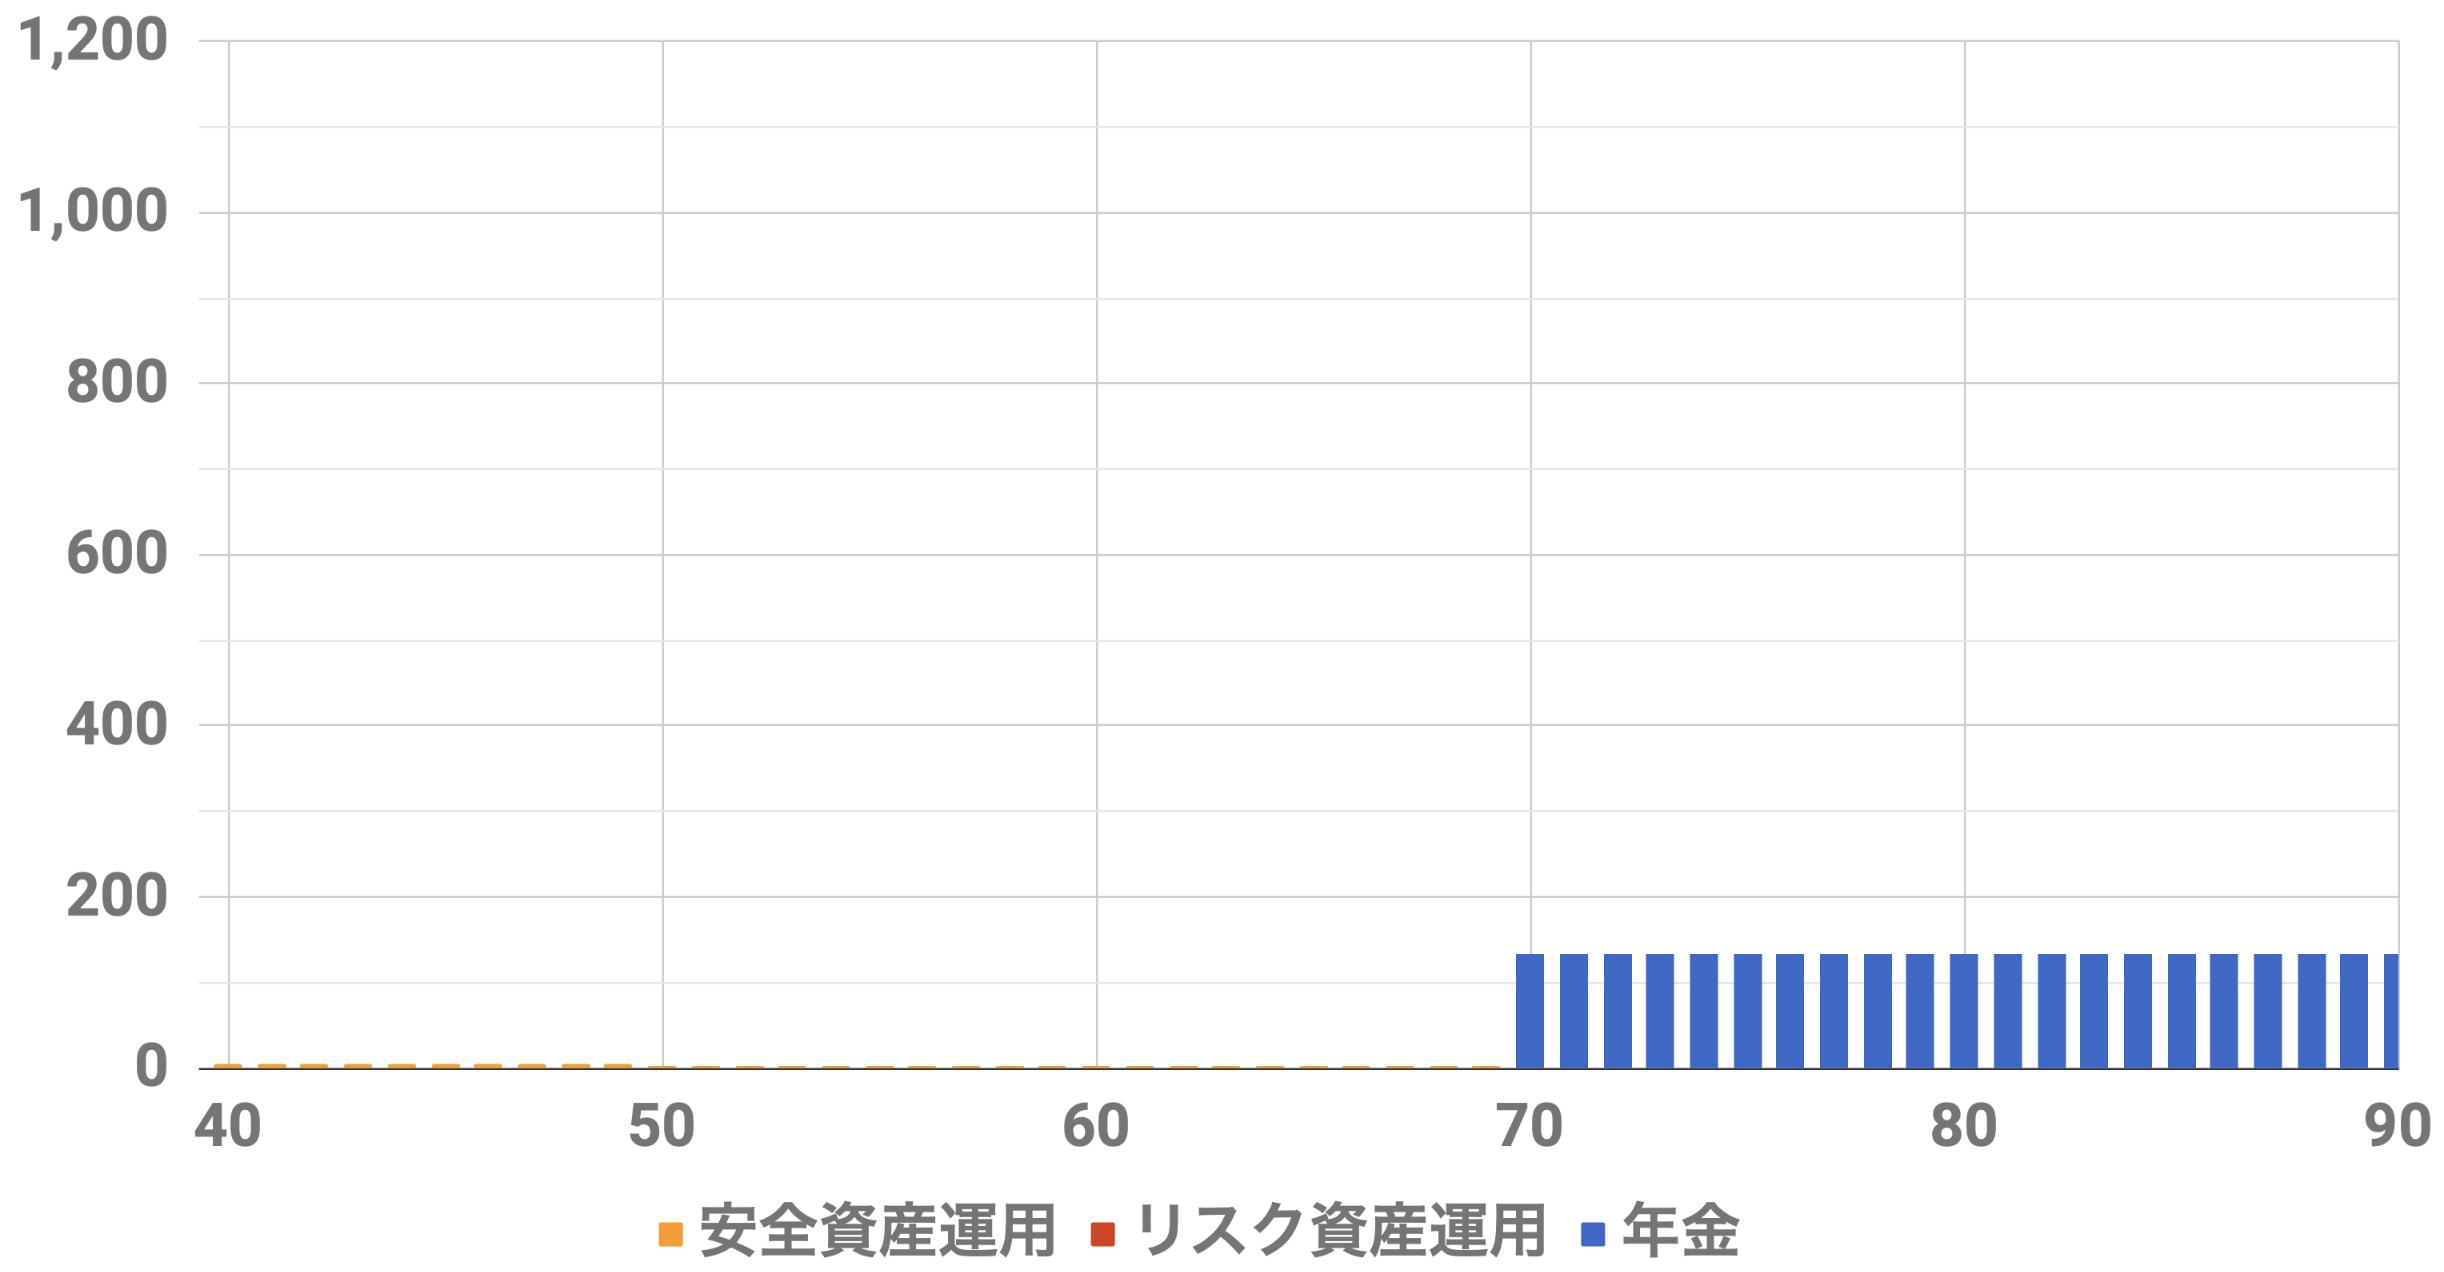 40歳9000万円収入シミュレーション(Level3)インフレ率0%安全資産運用